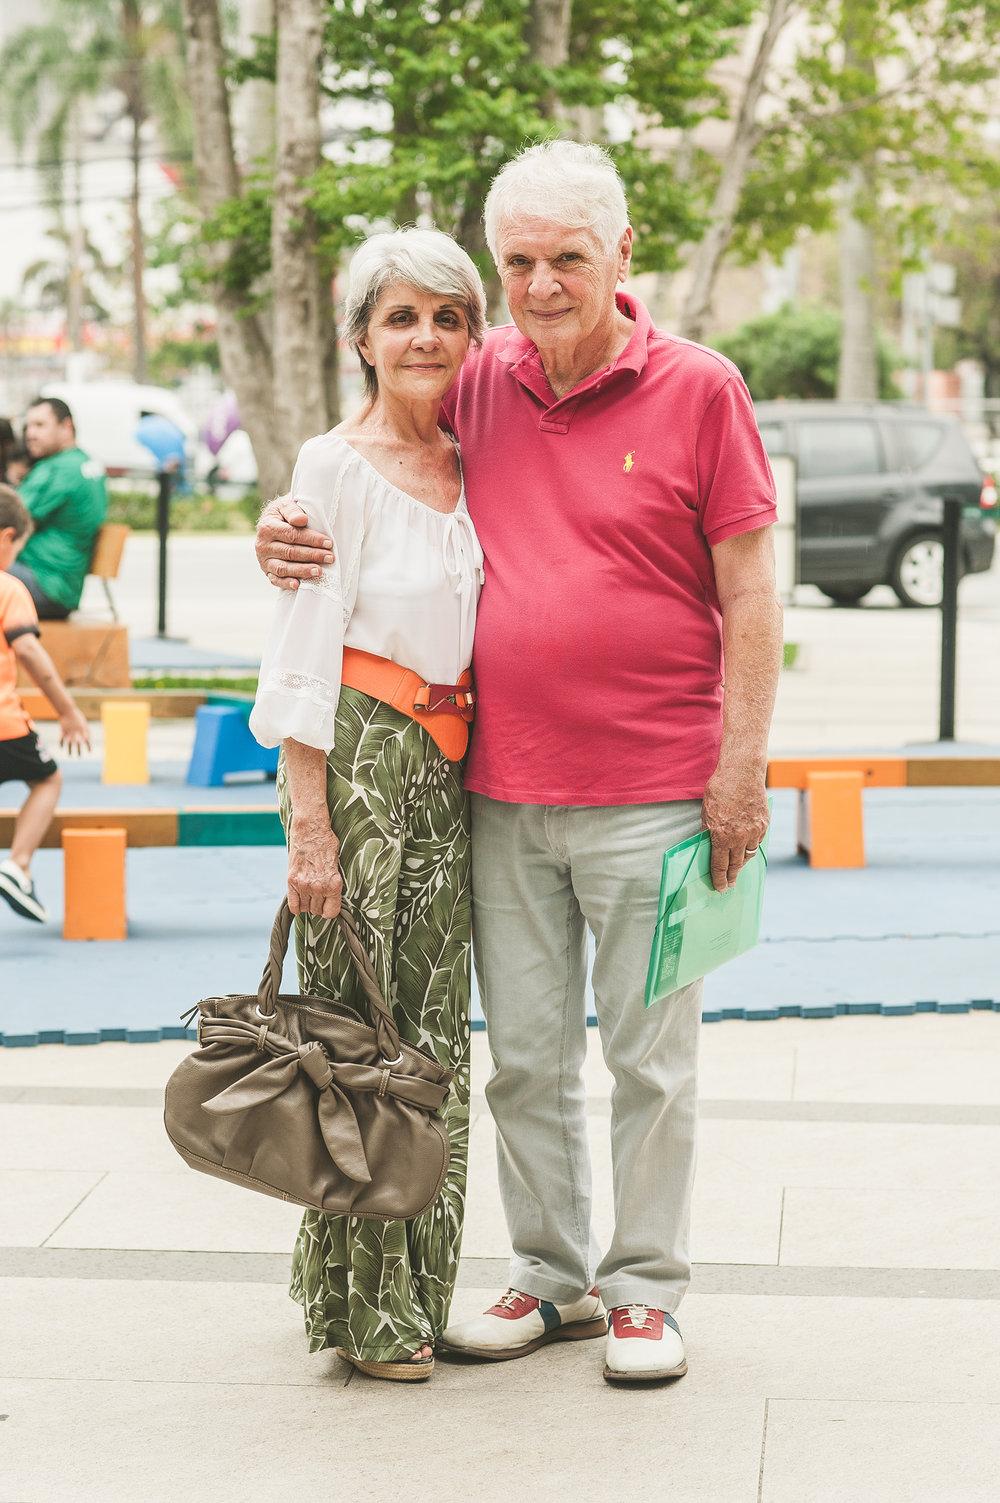 Cheia de elegância,  Nivea Marques  foi passear no shopping a convite da filha e levou o marido,  Pedro Marcino Neto . Ficou feliz de encontrar por lá o nosso festival do feito à mão cheio de peças exclusivas.